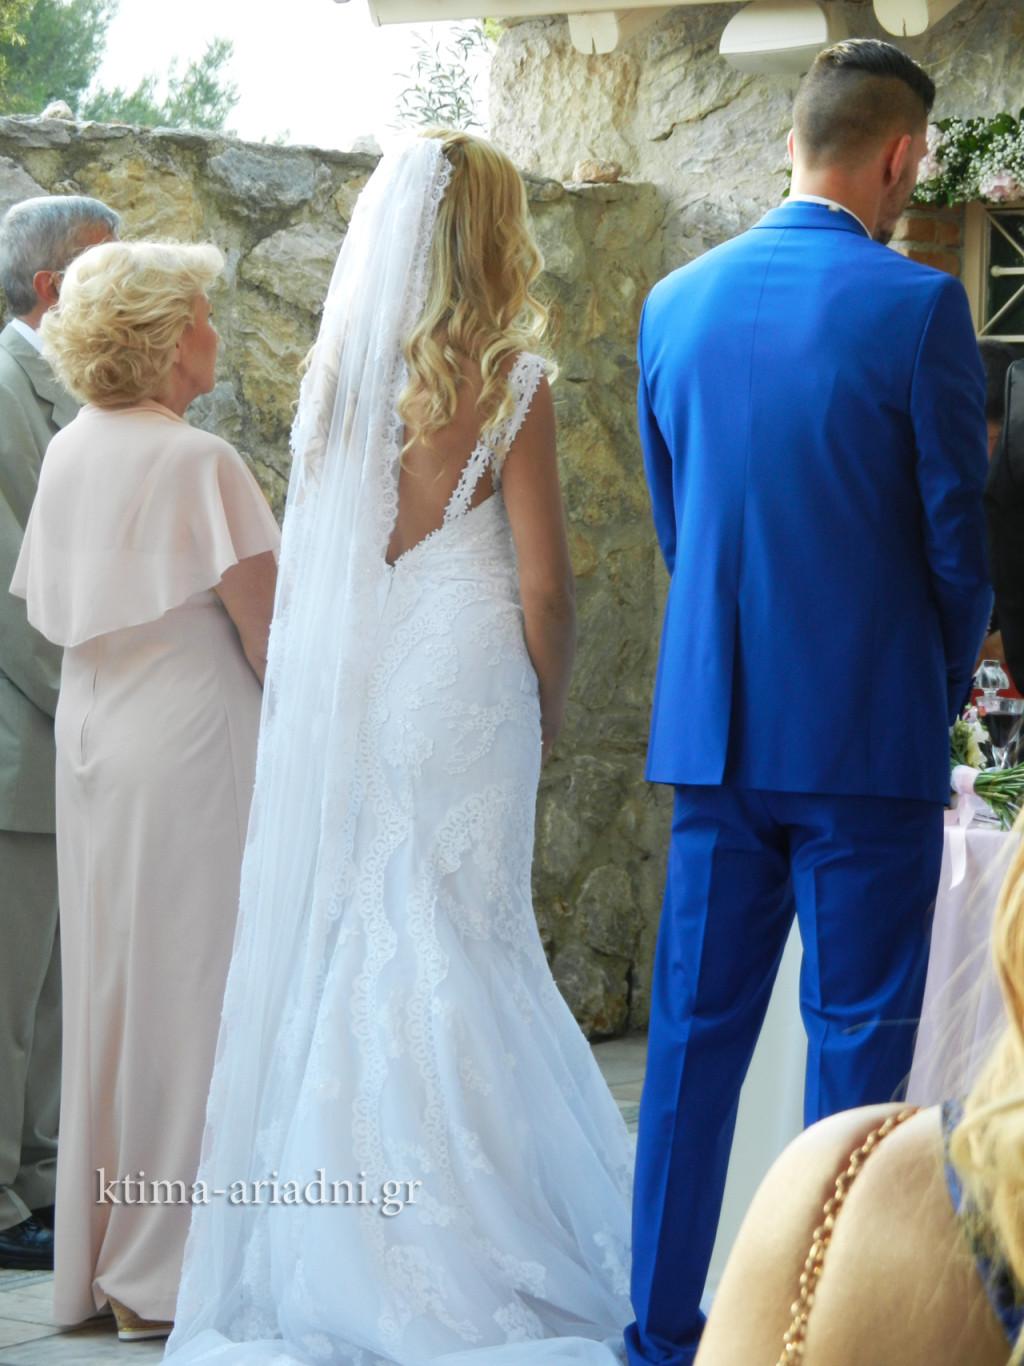 Γάμος του ποδοσφαιριστή Βαγγέλη Μάντζιου και της Ειρήνης Αντώναρου στο κτήμα Αριάδνη